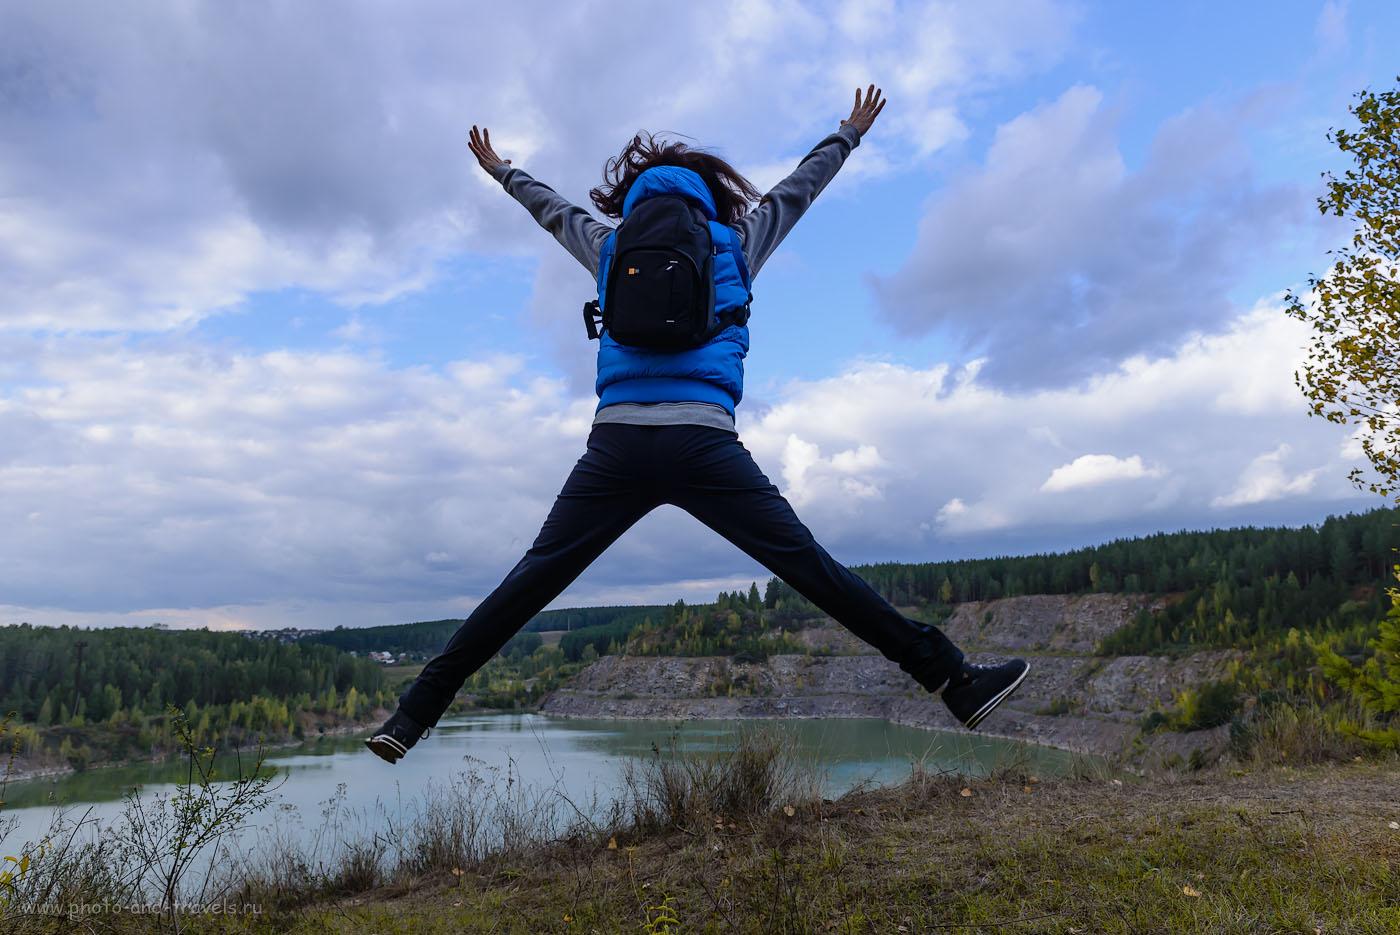 Снимок 8. Прыгать с сумкой для фотоаппарата было бы менее комфортно